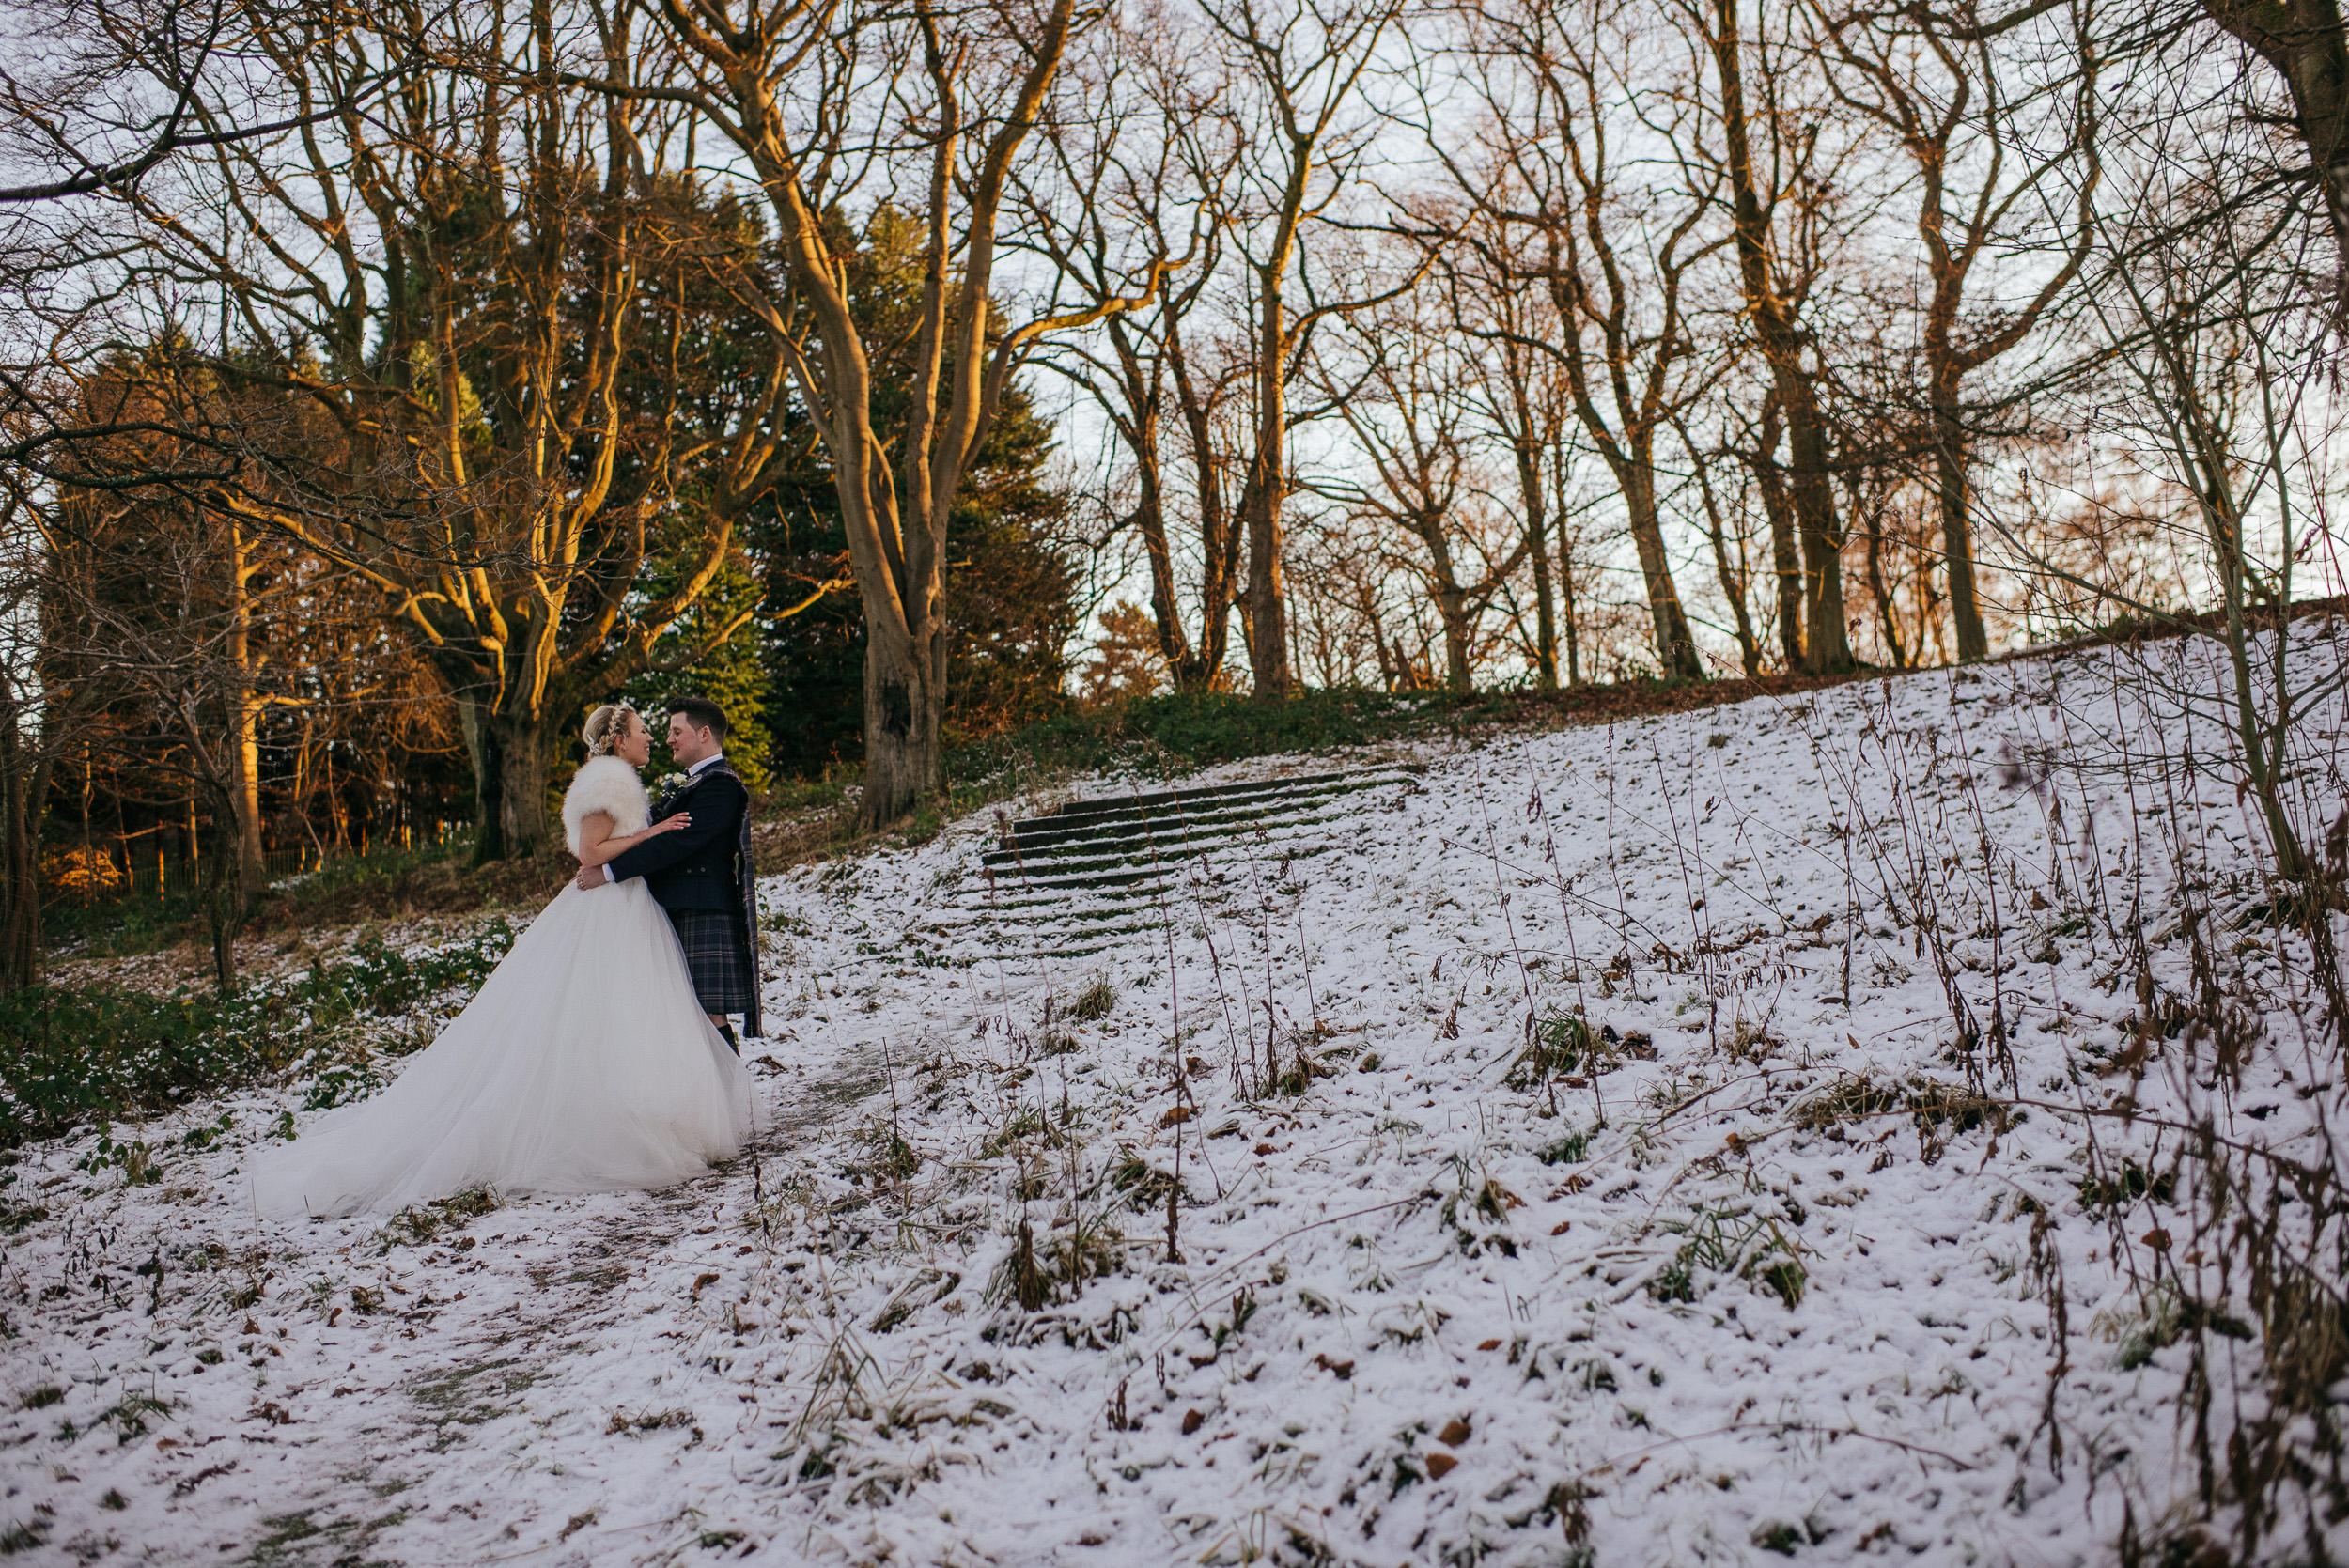 House-for-an-Art-Lover-Wedding151.jpg